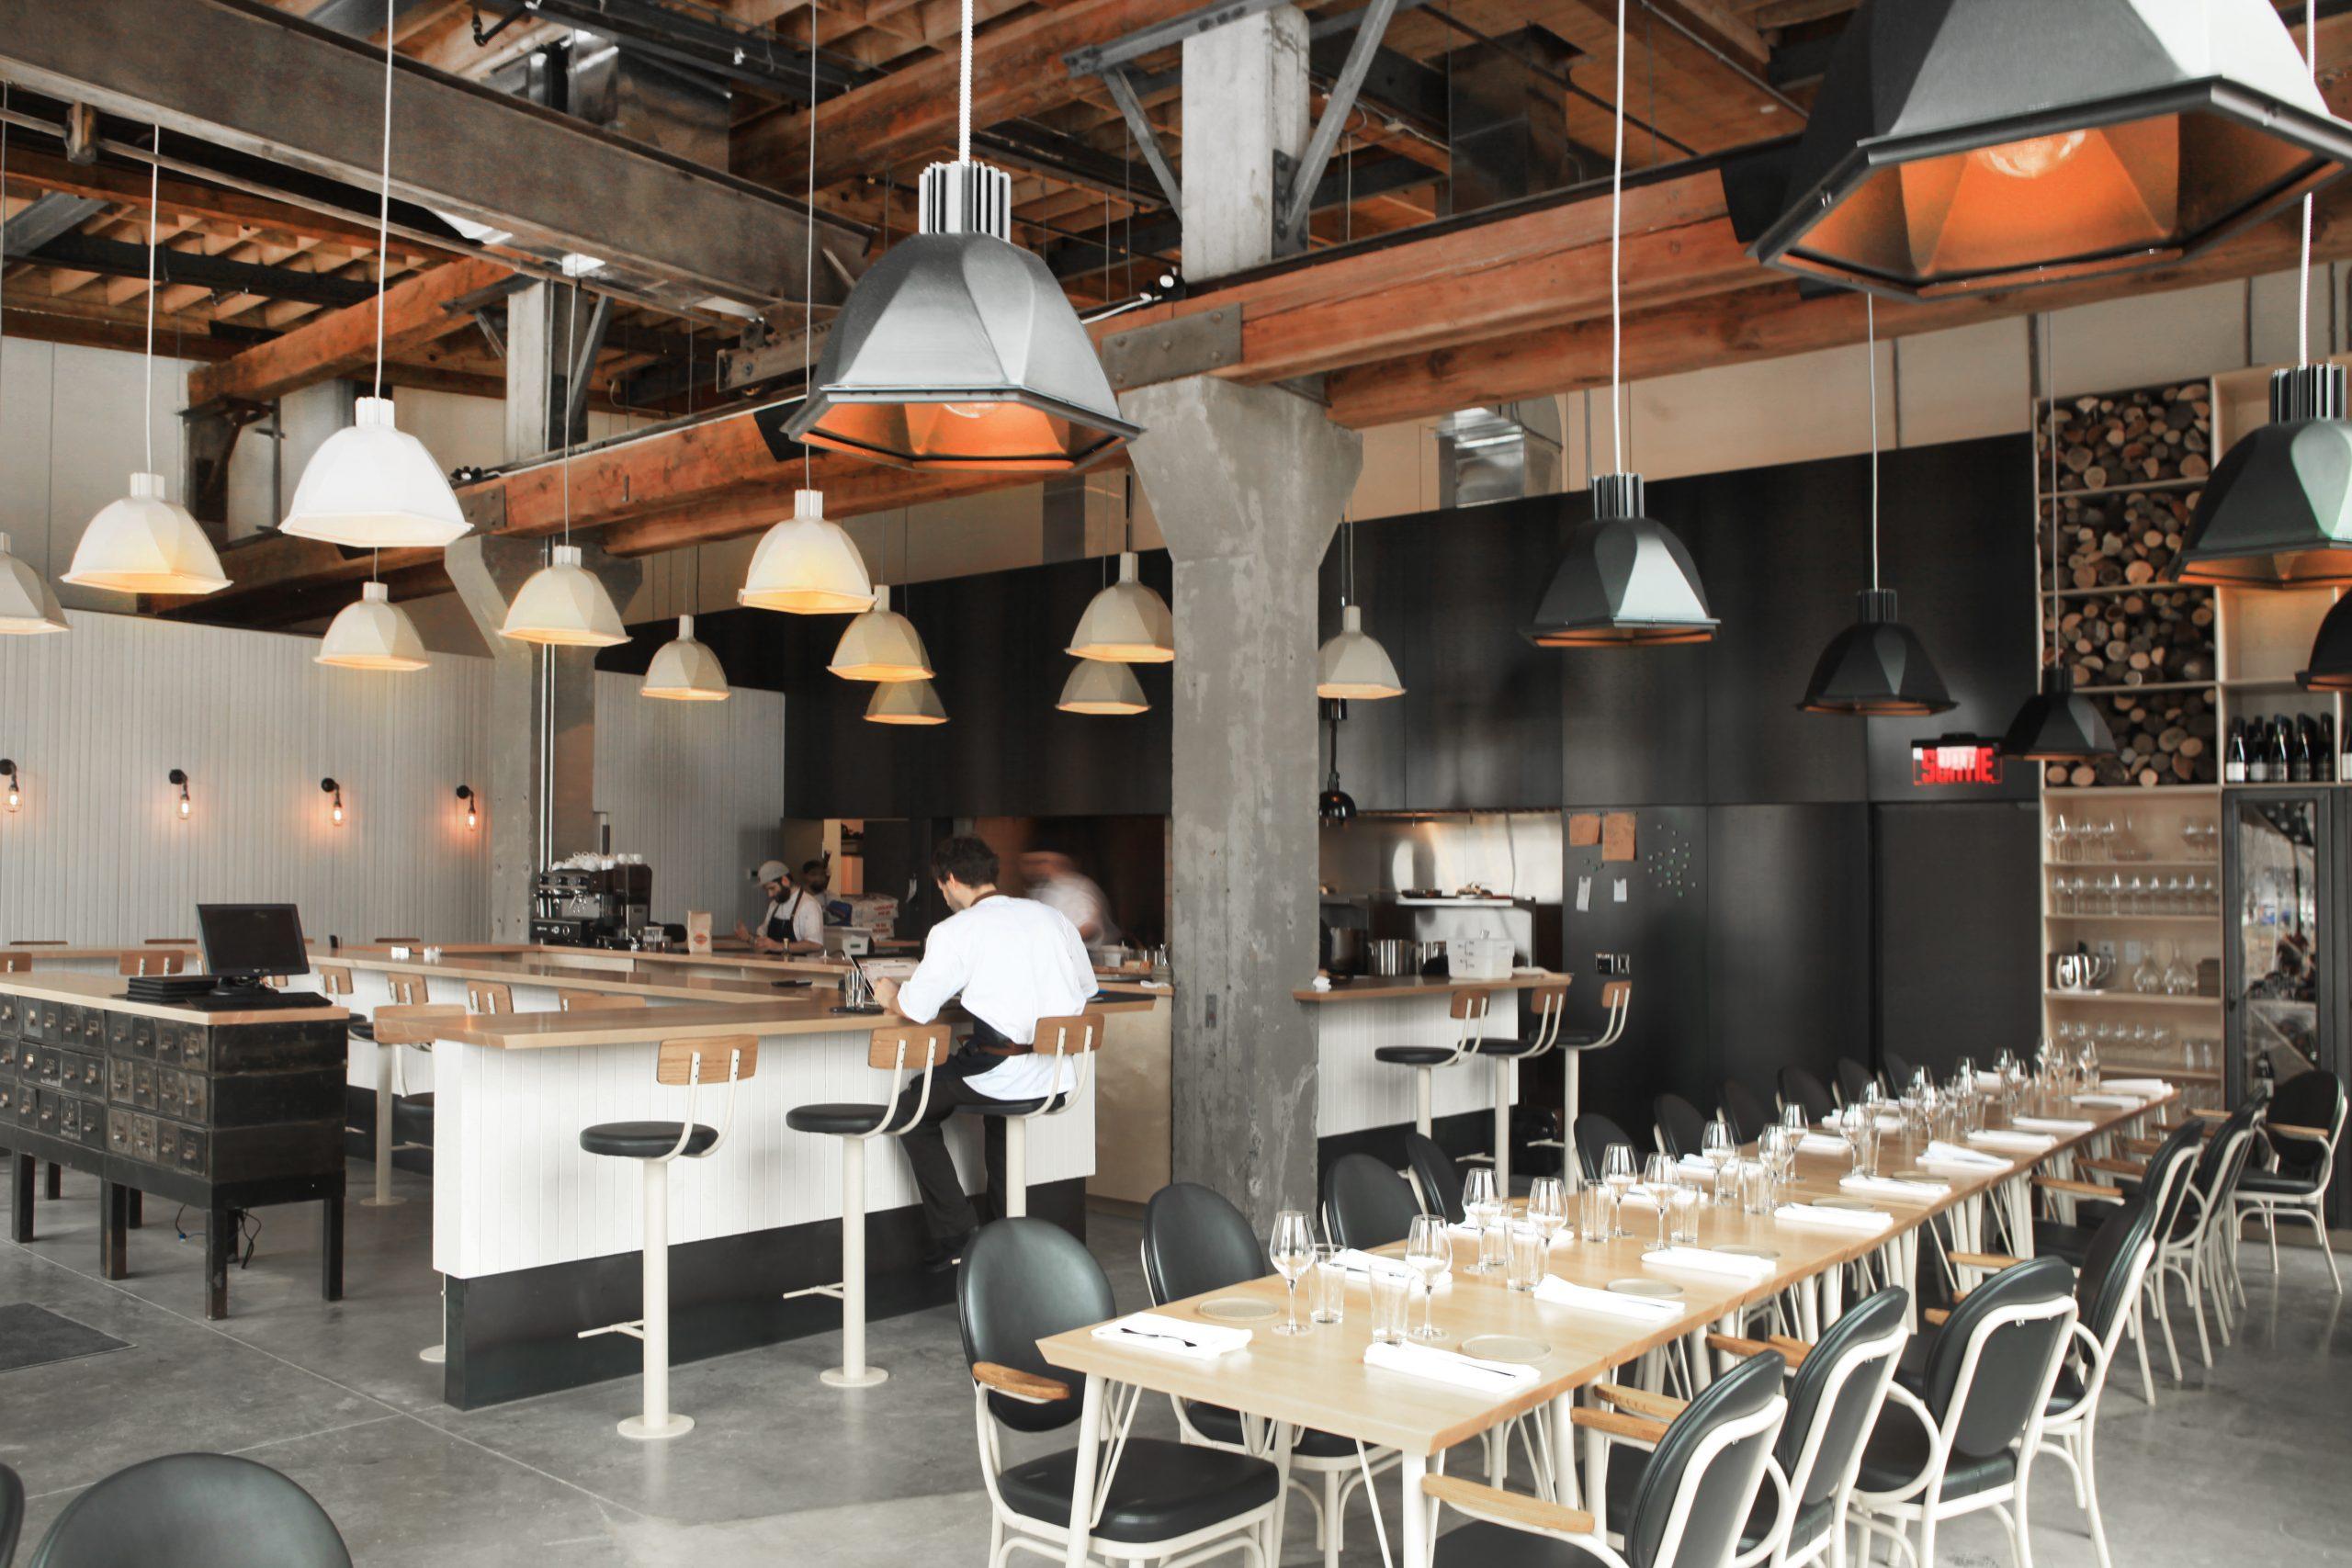 RestaurantHoogan&Beaufort Cecobois 9